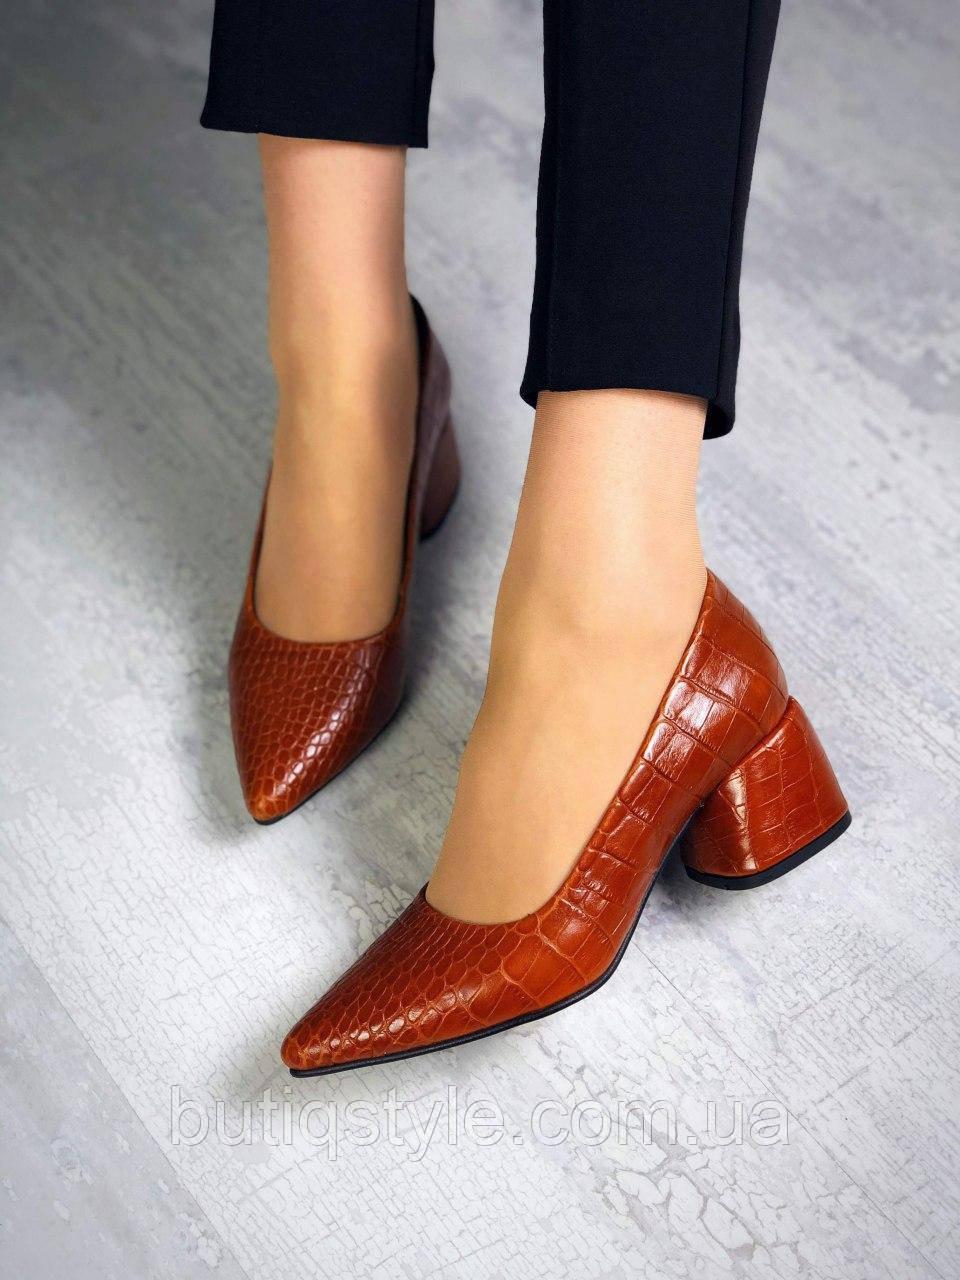 Женские рыжие туфли натуральная кожа на каблуке